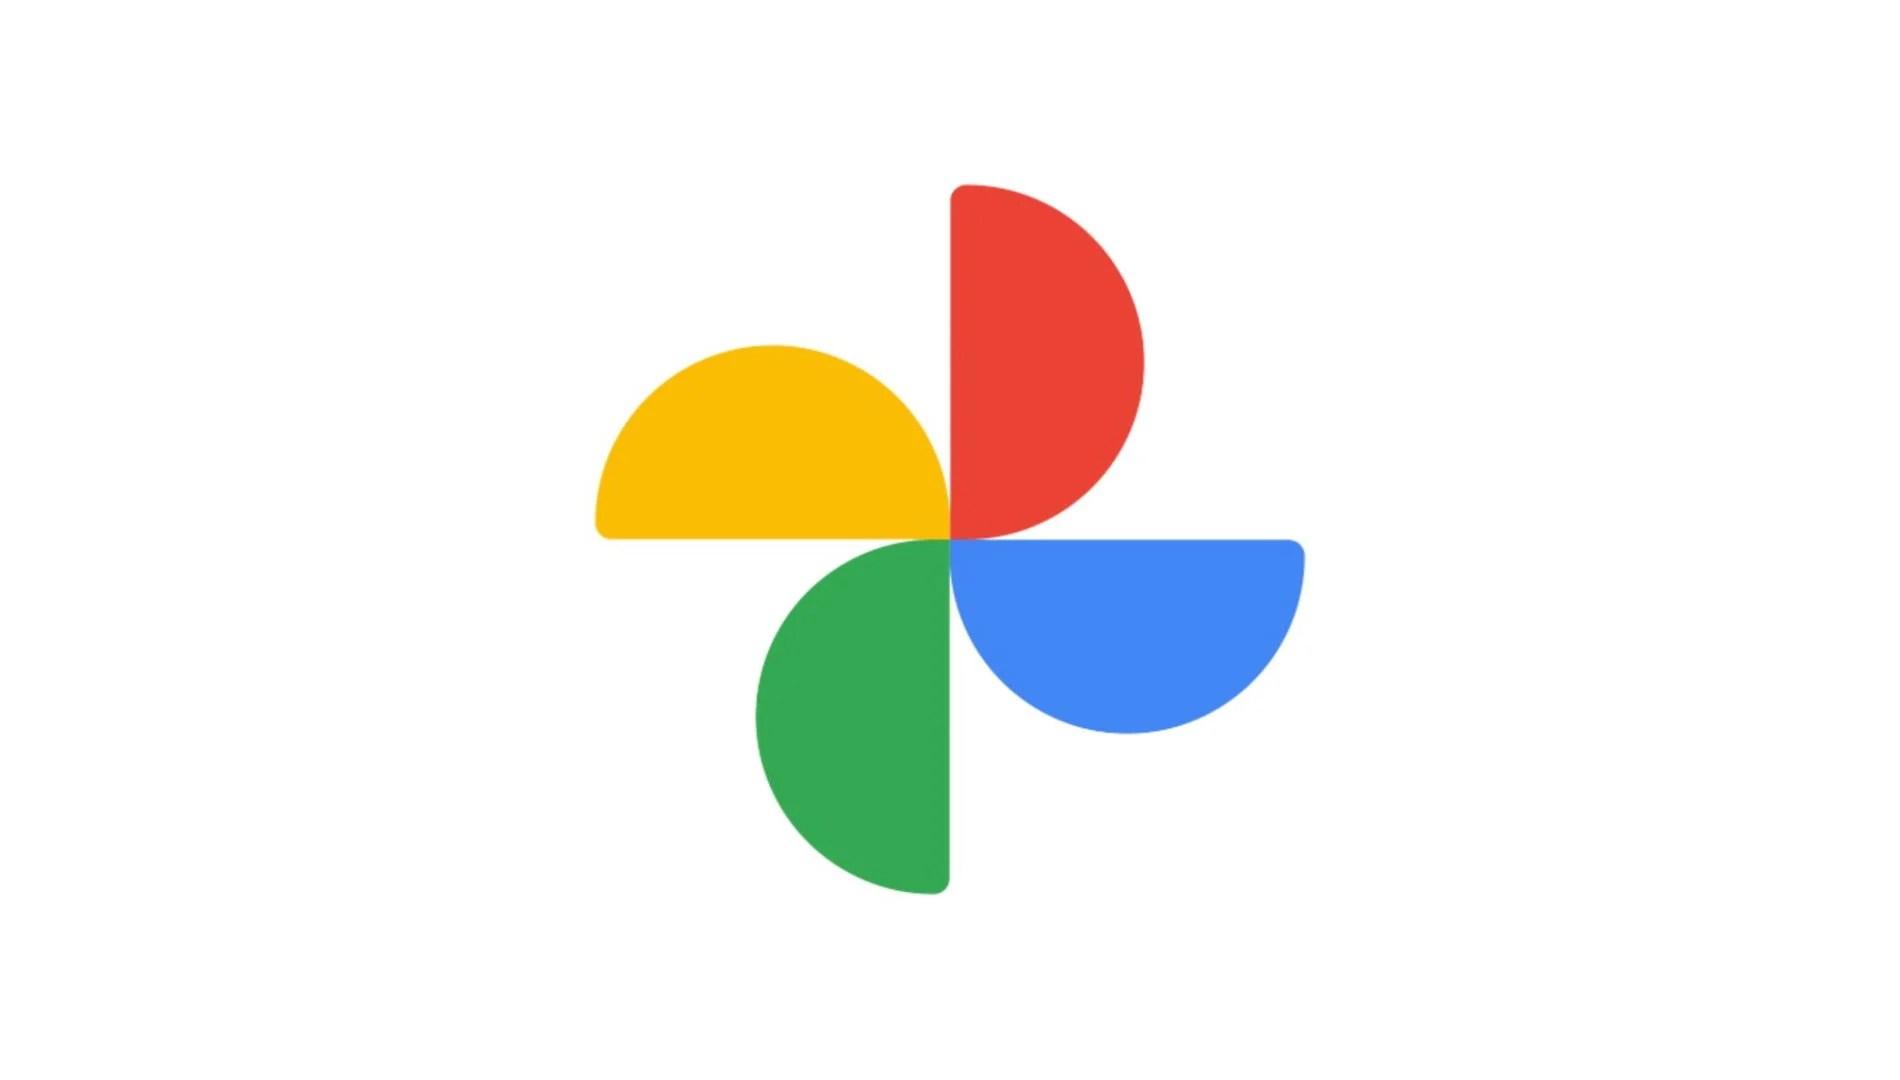 Google Photos : une nouvelle interface, une carte interactive et un nouveau logo